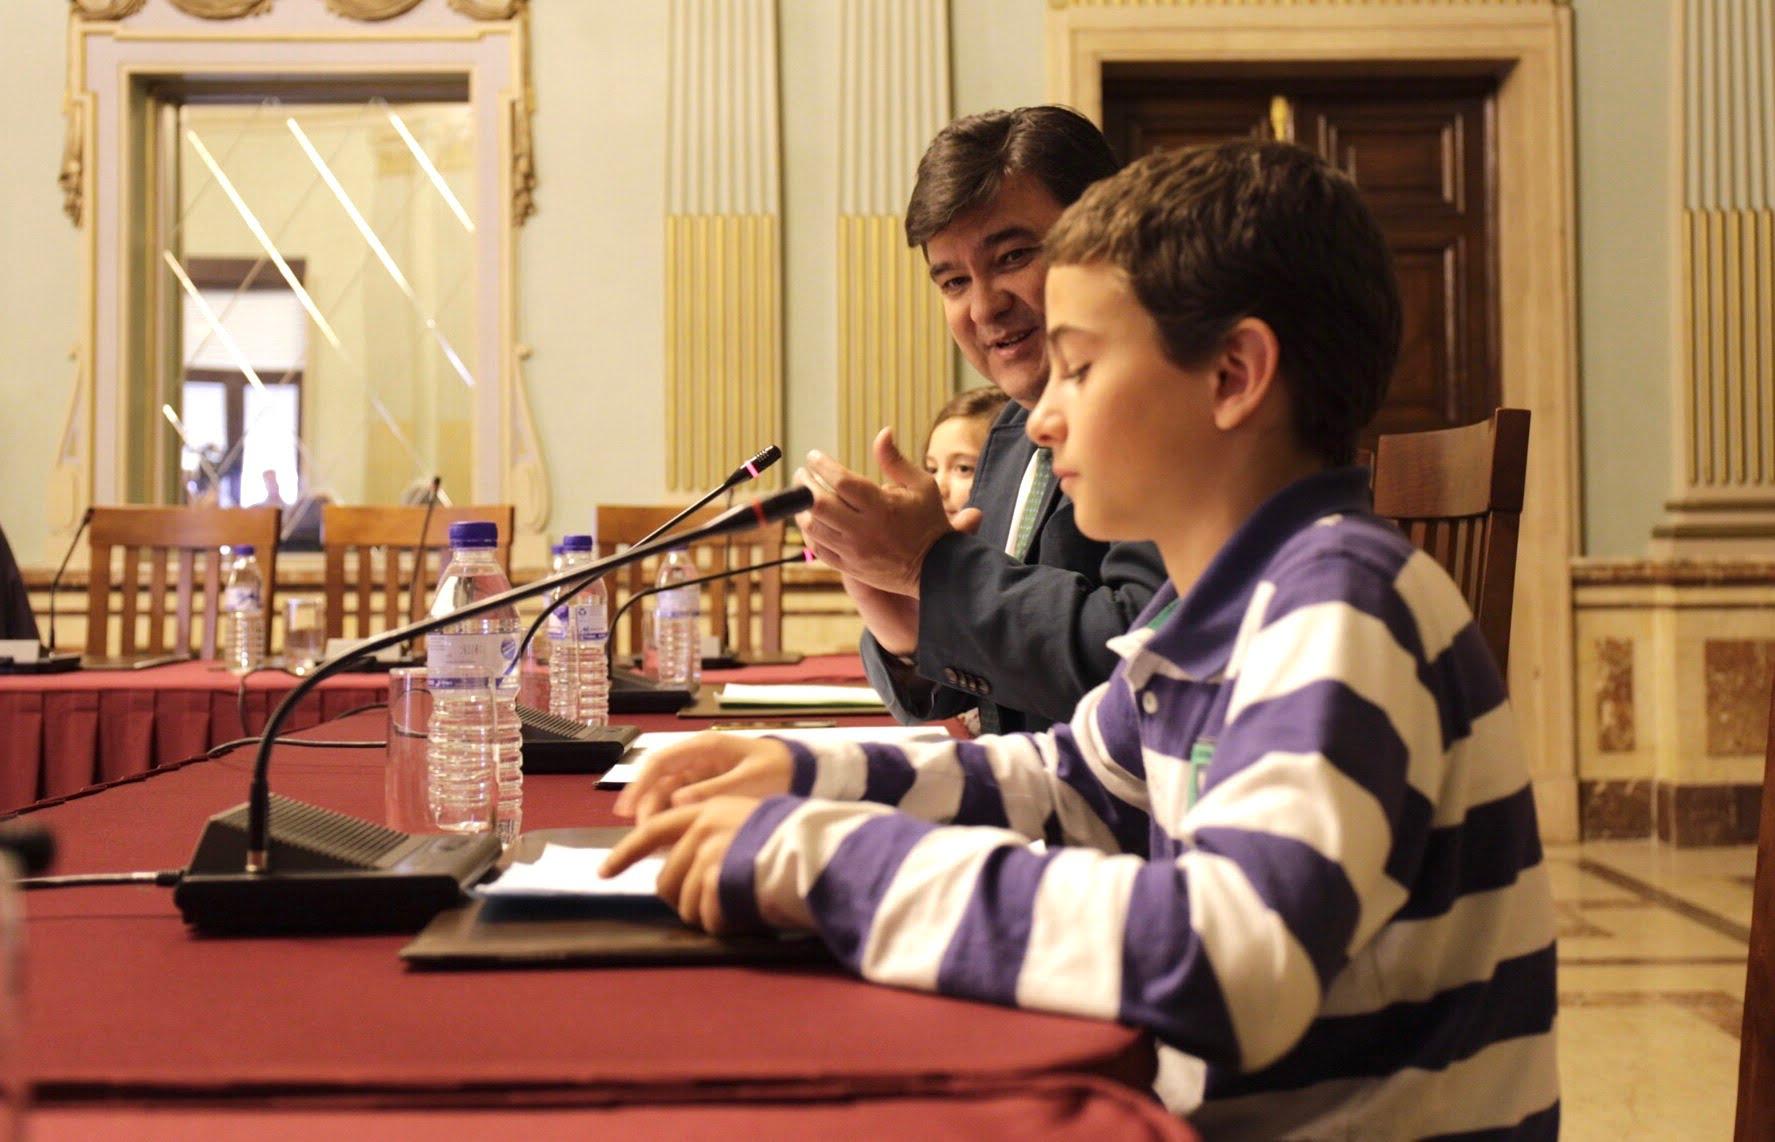 El alcalde ha presidido la sesión, comprometiéndose a mejorar la limpieza de la ciudad